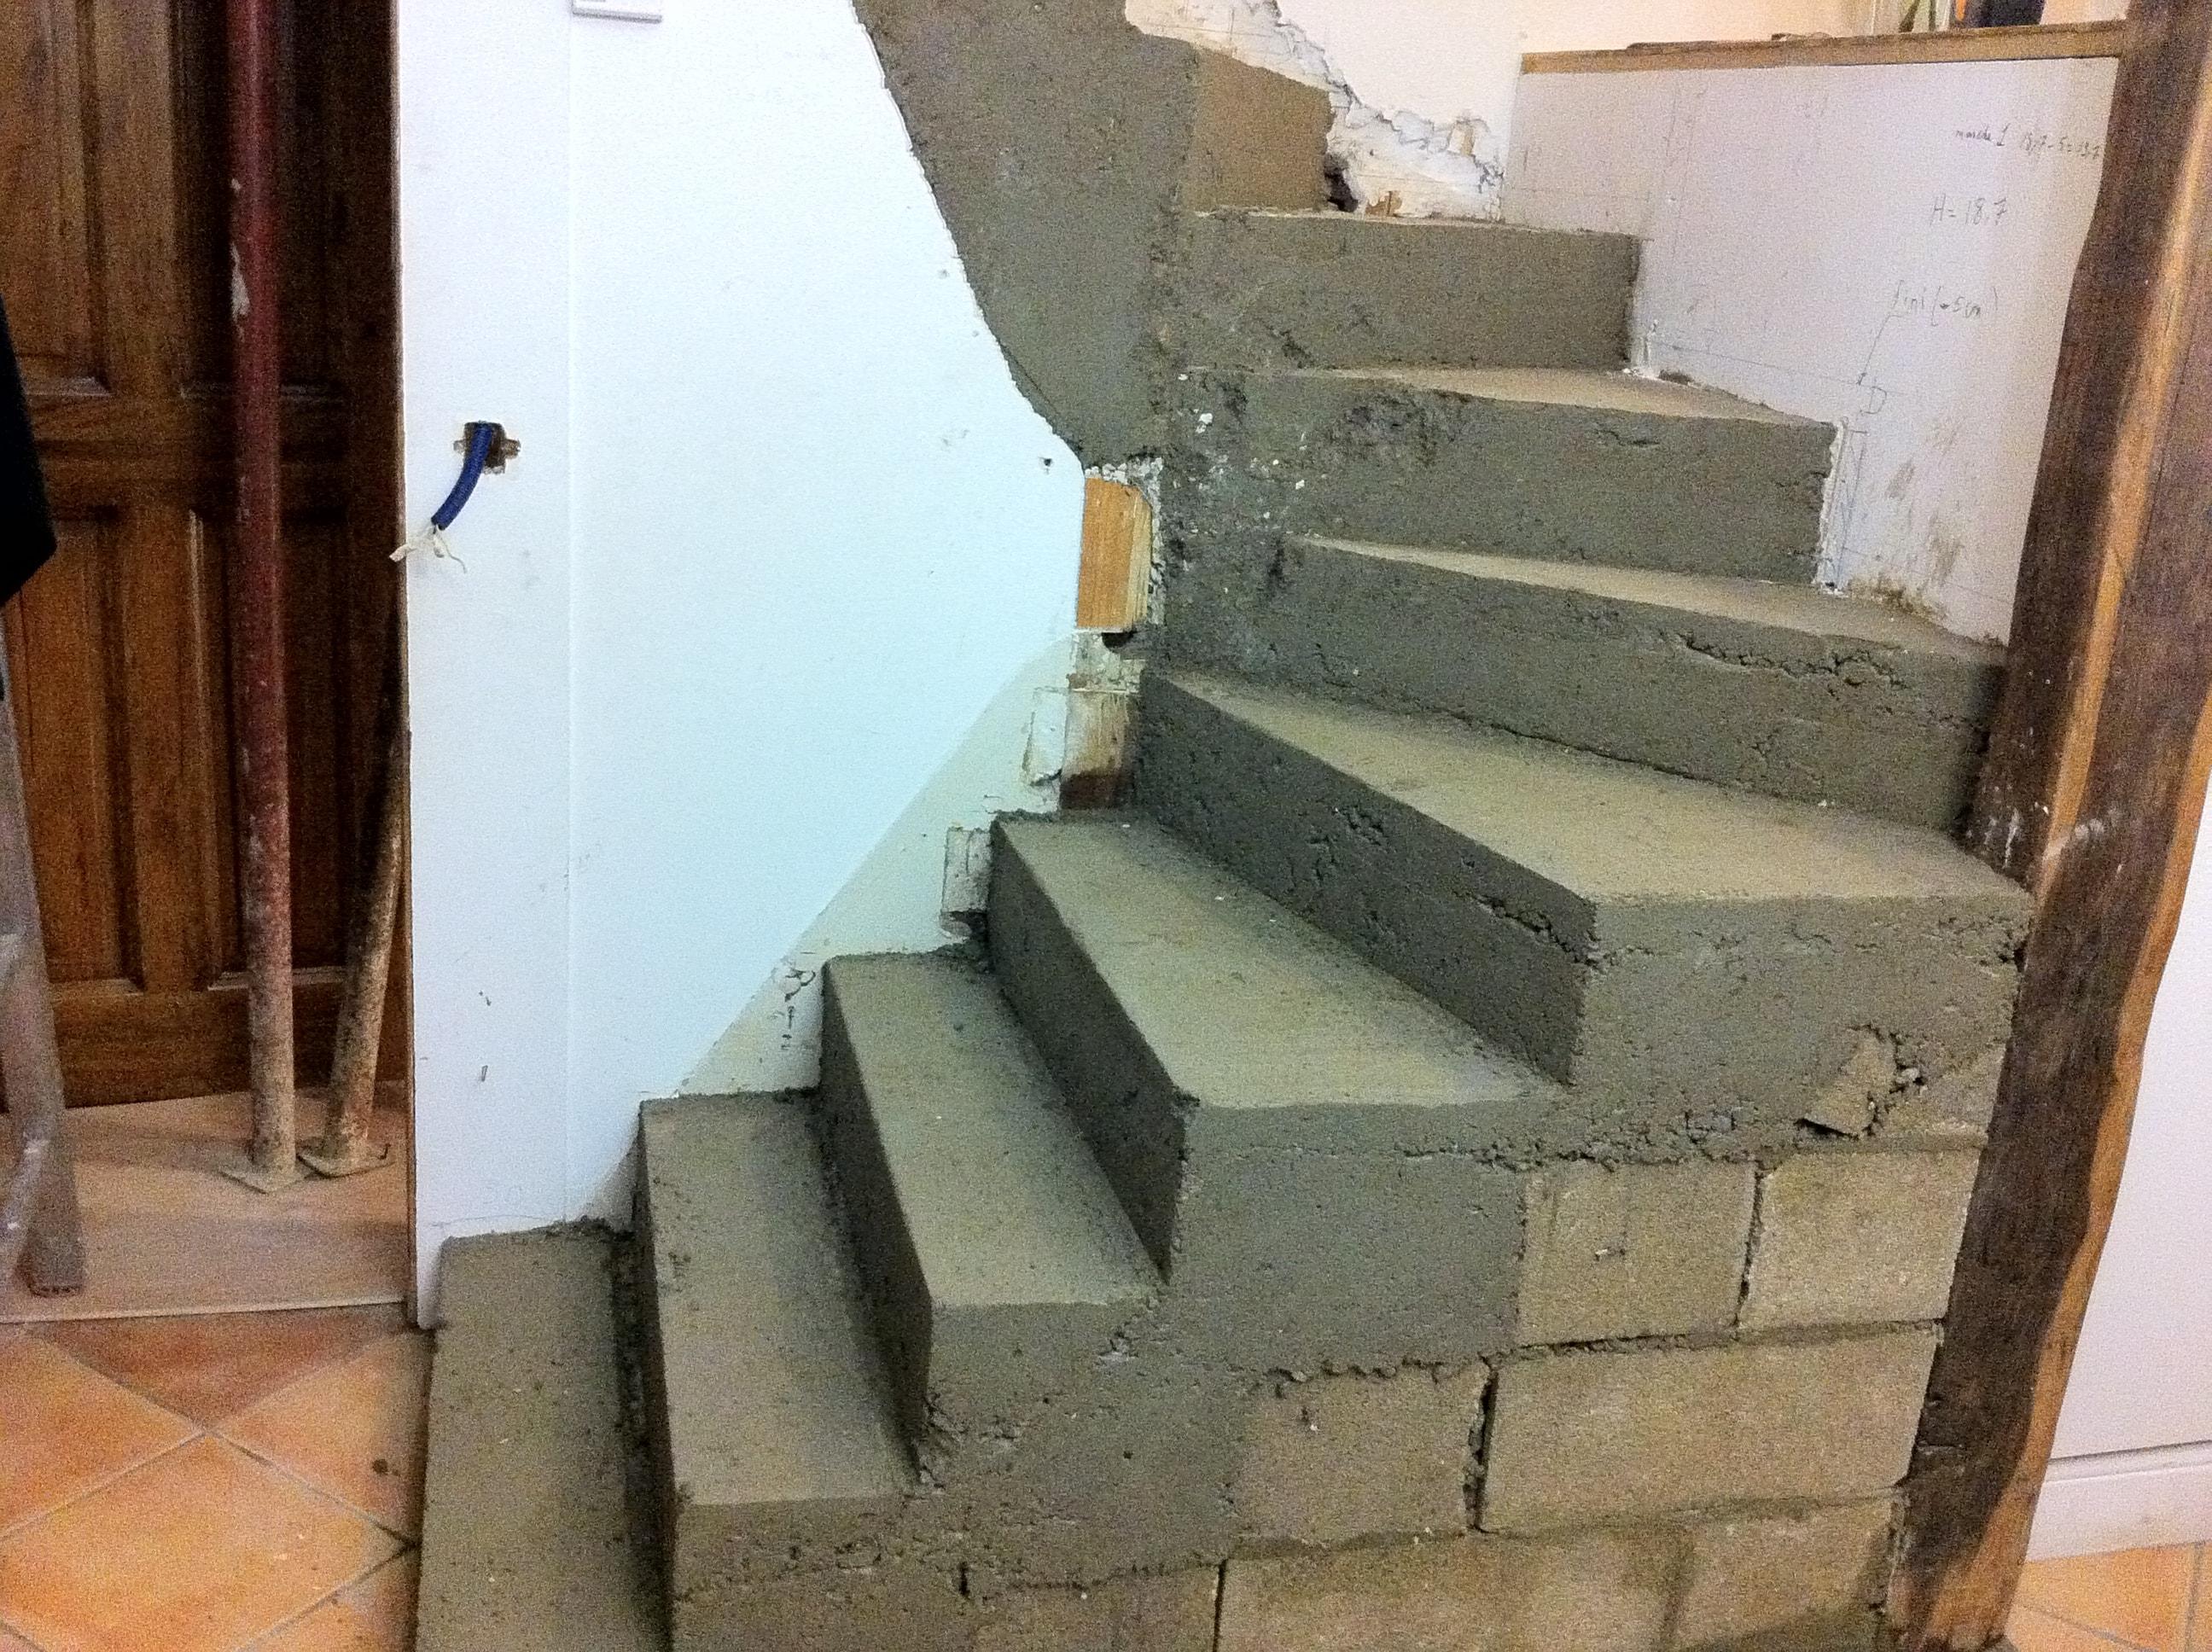 escalier-bois-12-travaux-pendant-decoffrer-béton-texas-batiment-min